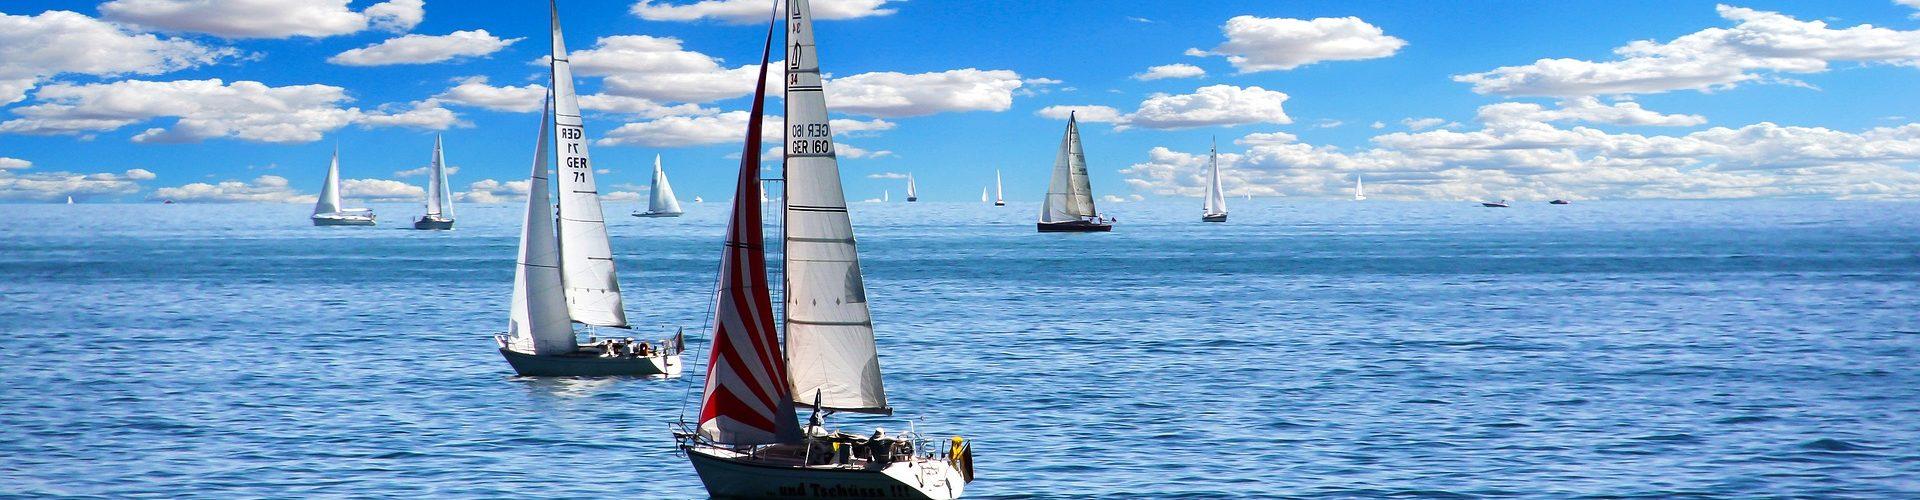 segeln lernen in Moordorf segelschein machen in Moordorf 1920x500 - Segeln lernen in Moordorf